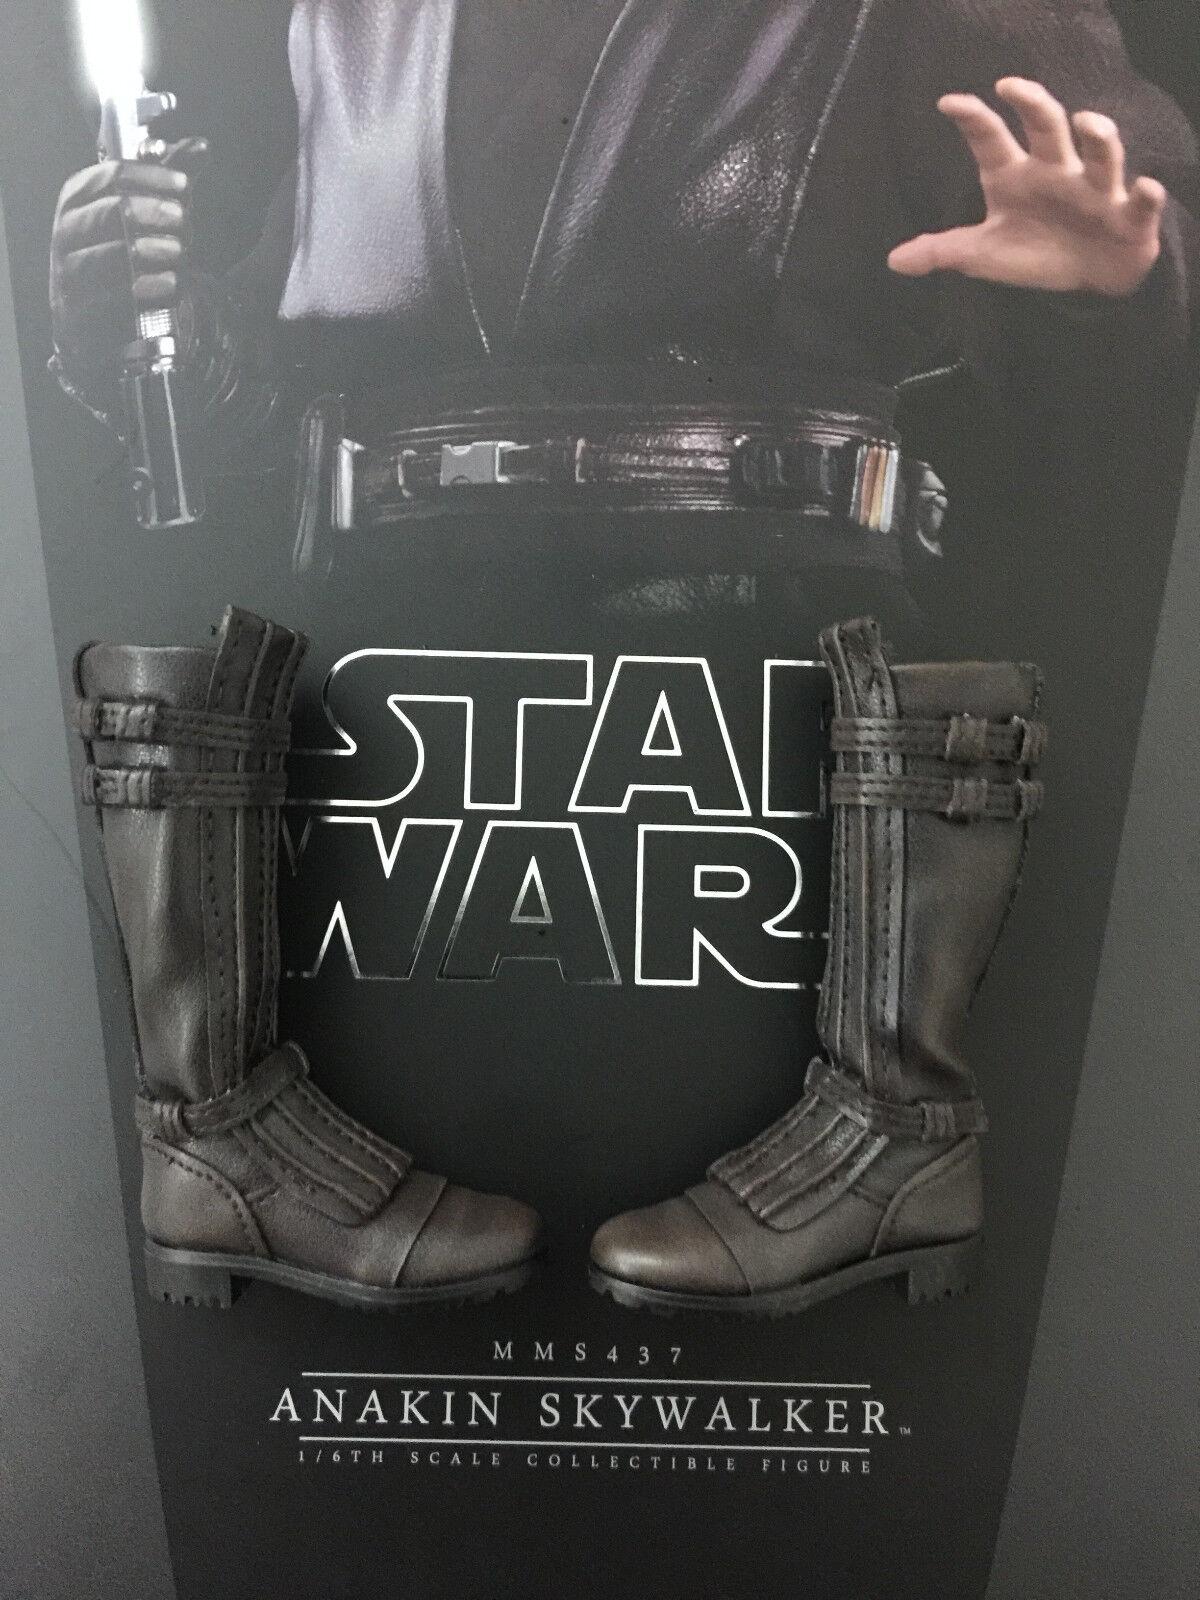 Calientegiocattoli estrella guerras (Revenge Of The Sith) Anakin cielowalker  MMS437 - stivali  più preferenziale